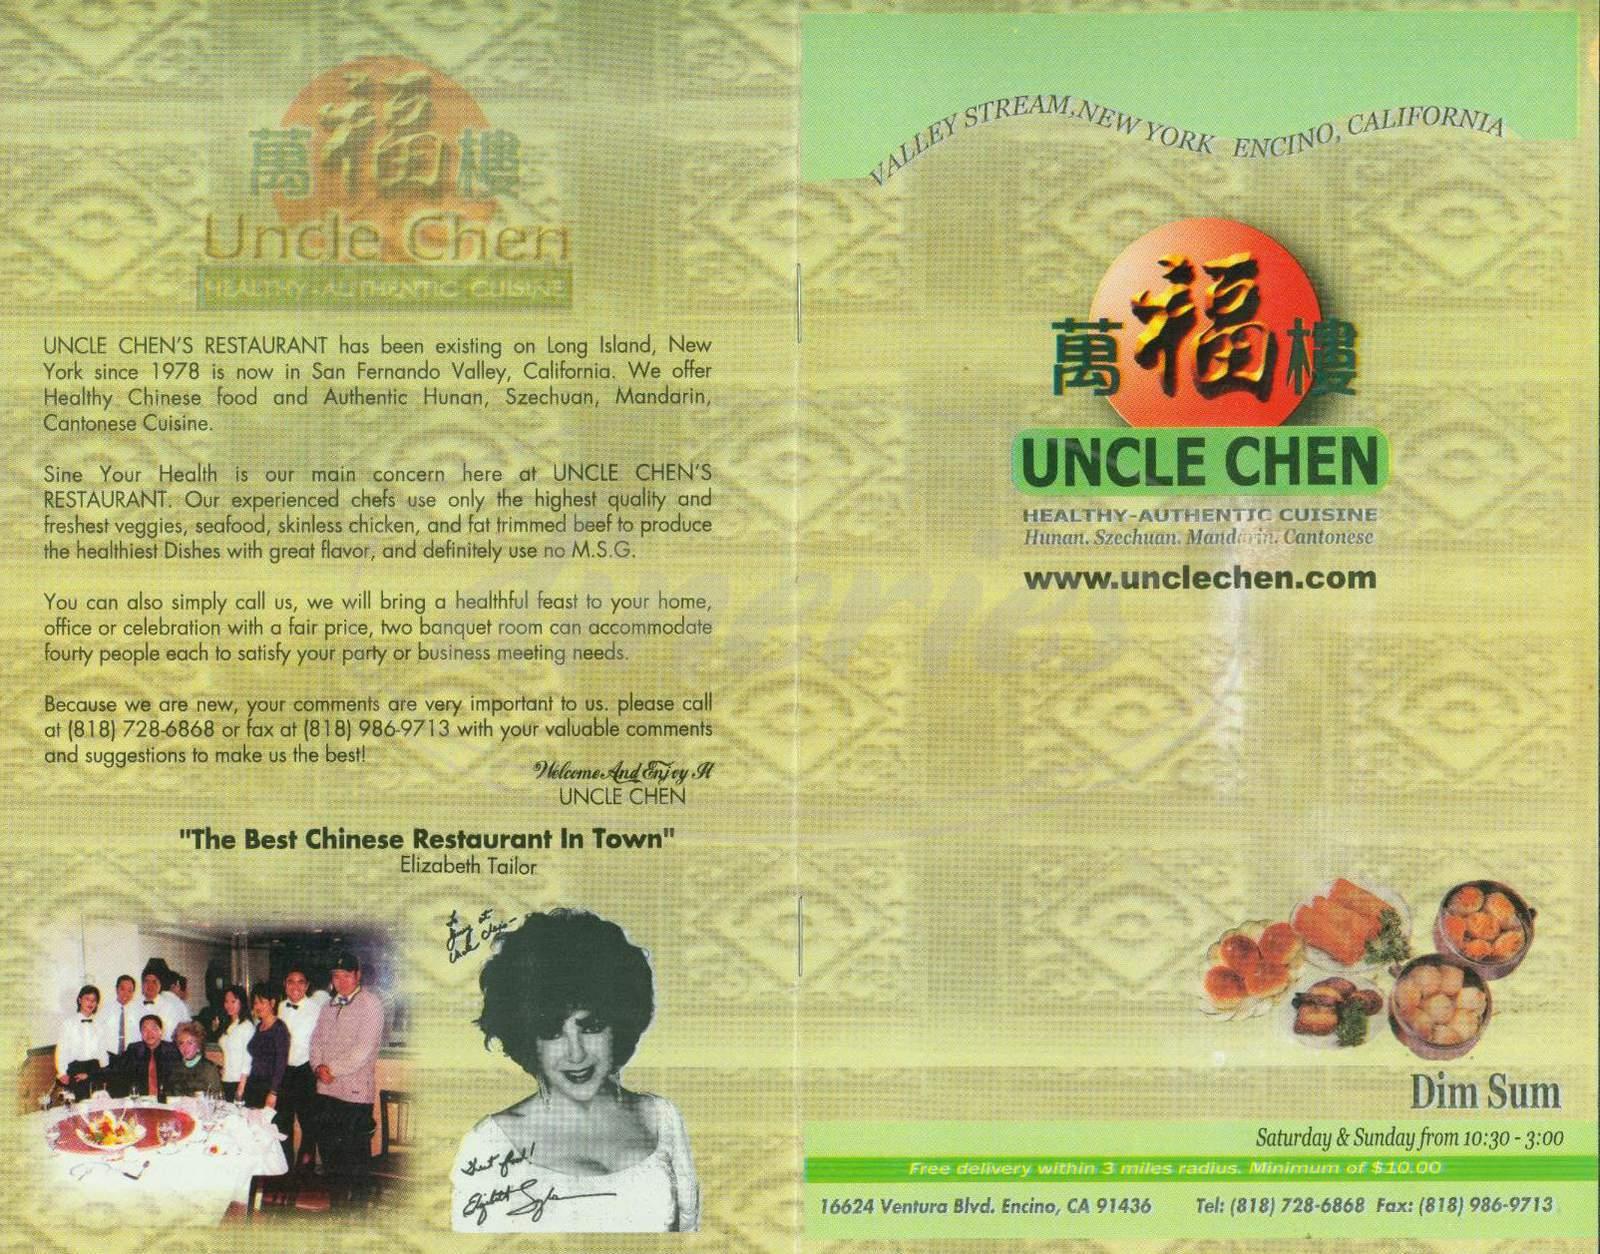 menu for Uncle Chen